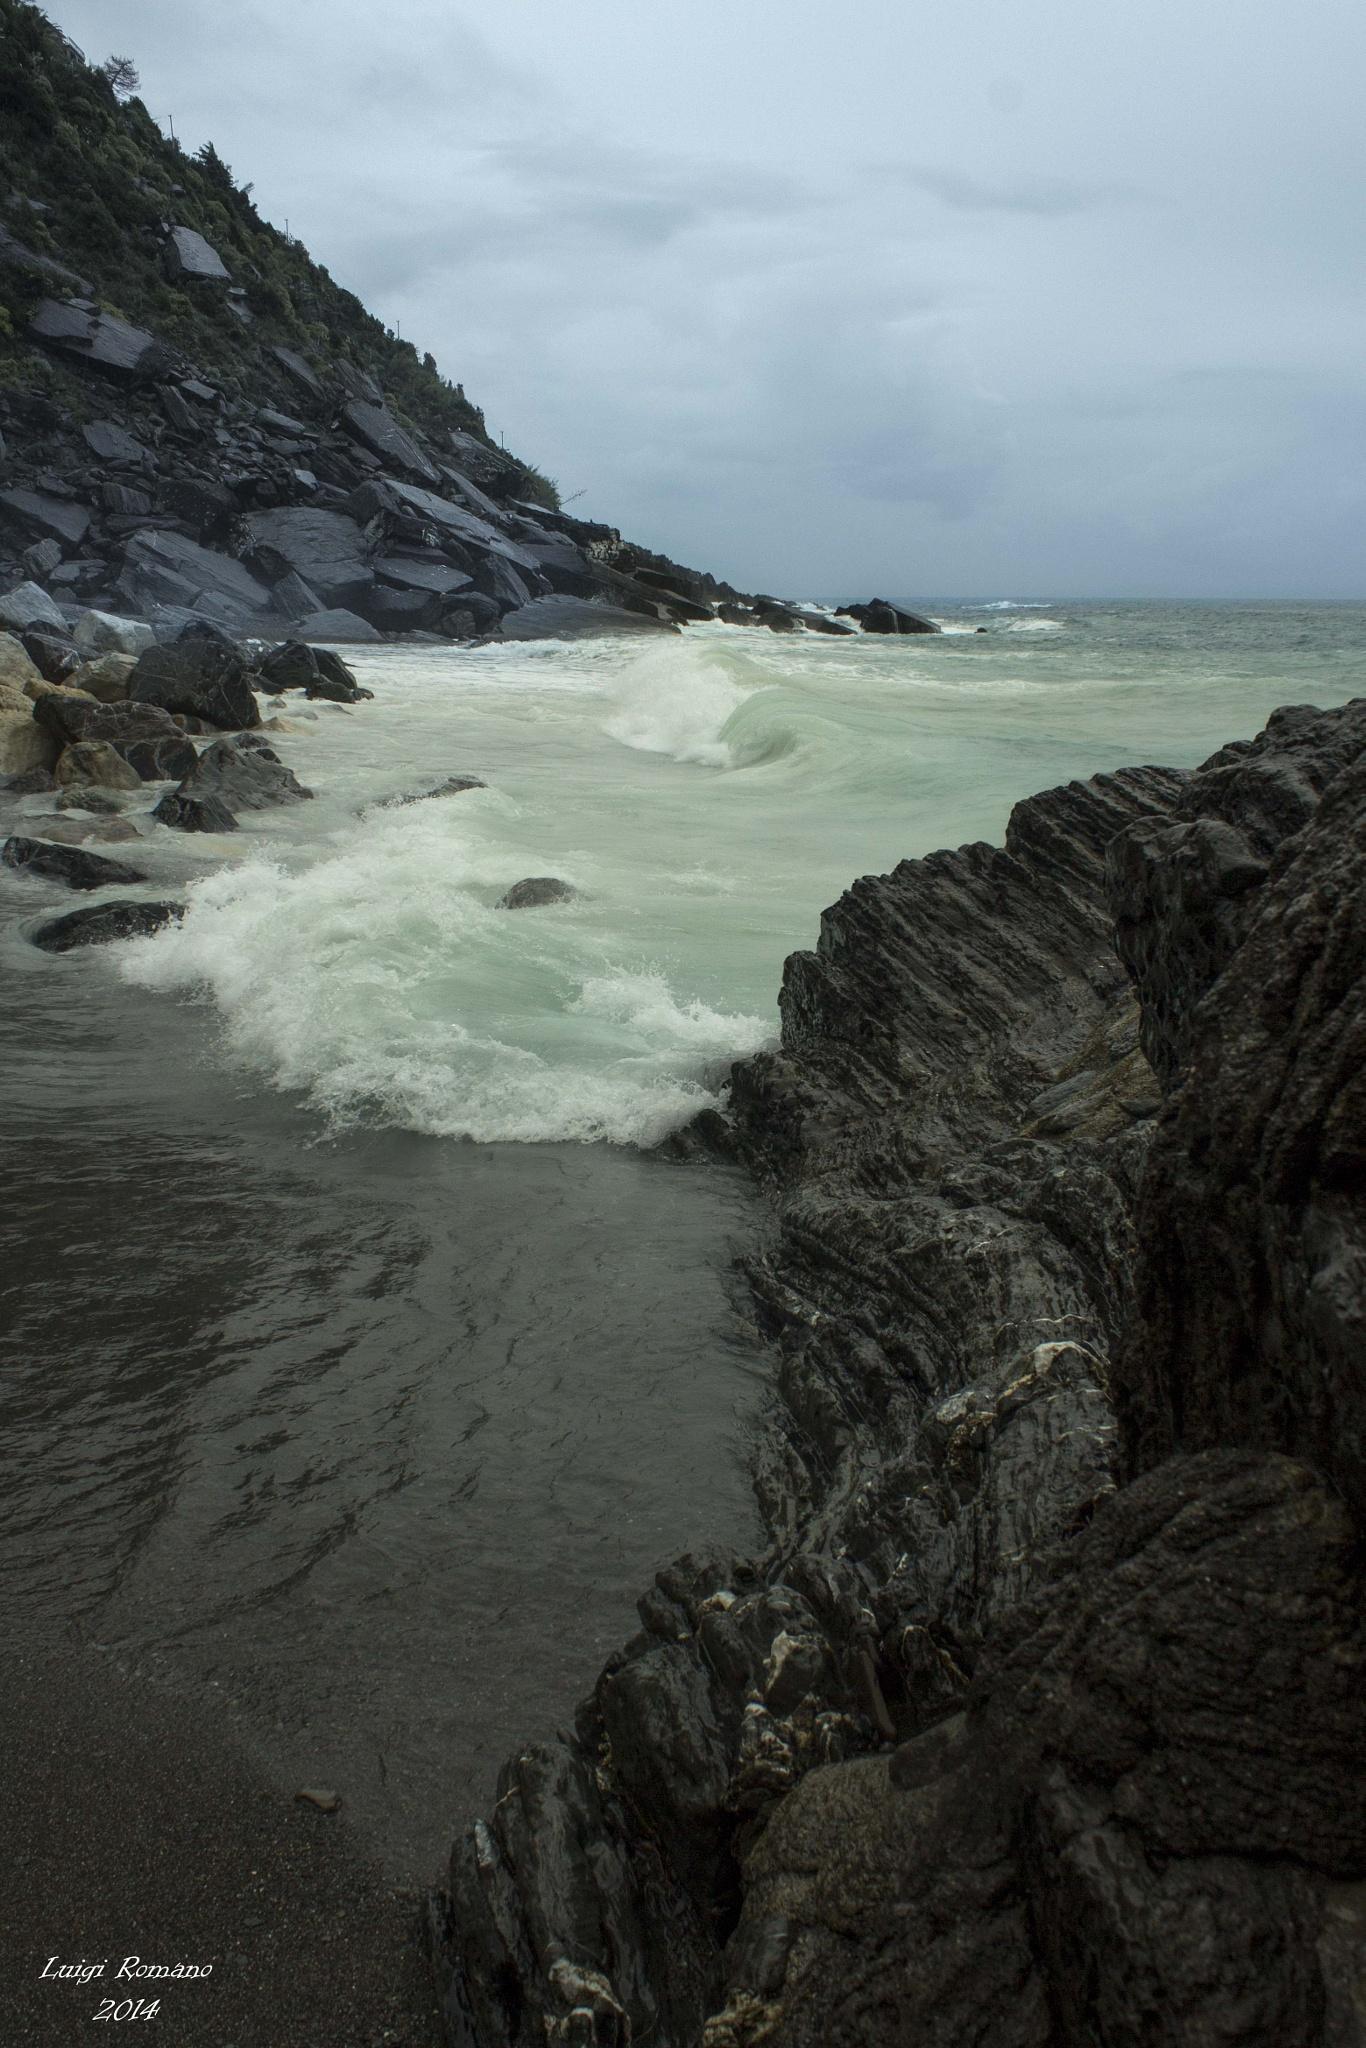 The sea off season by Luigi Romano